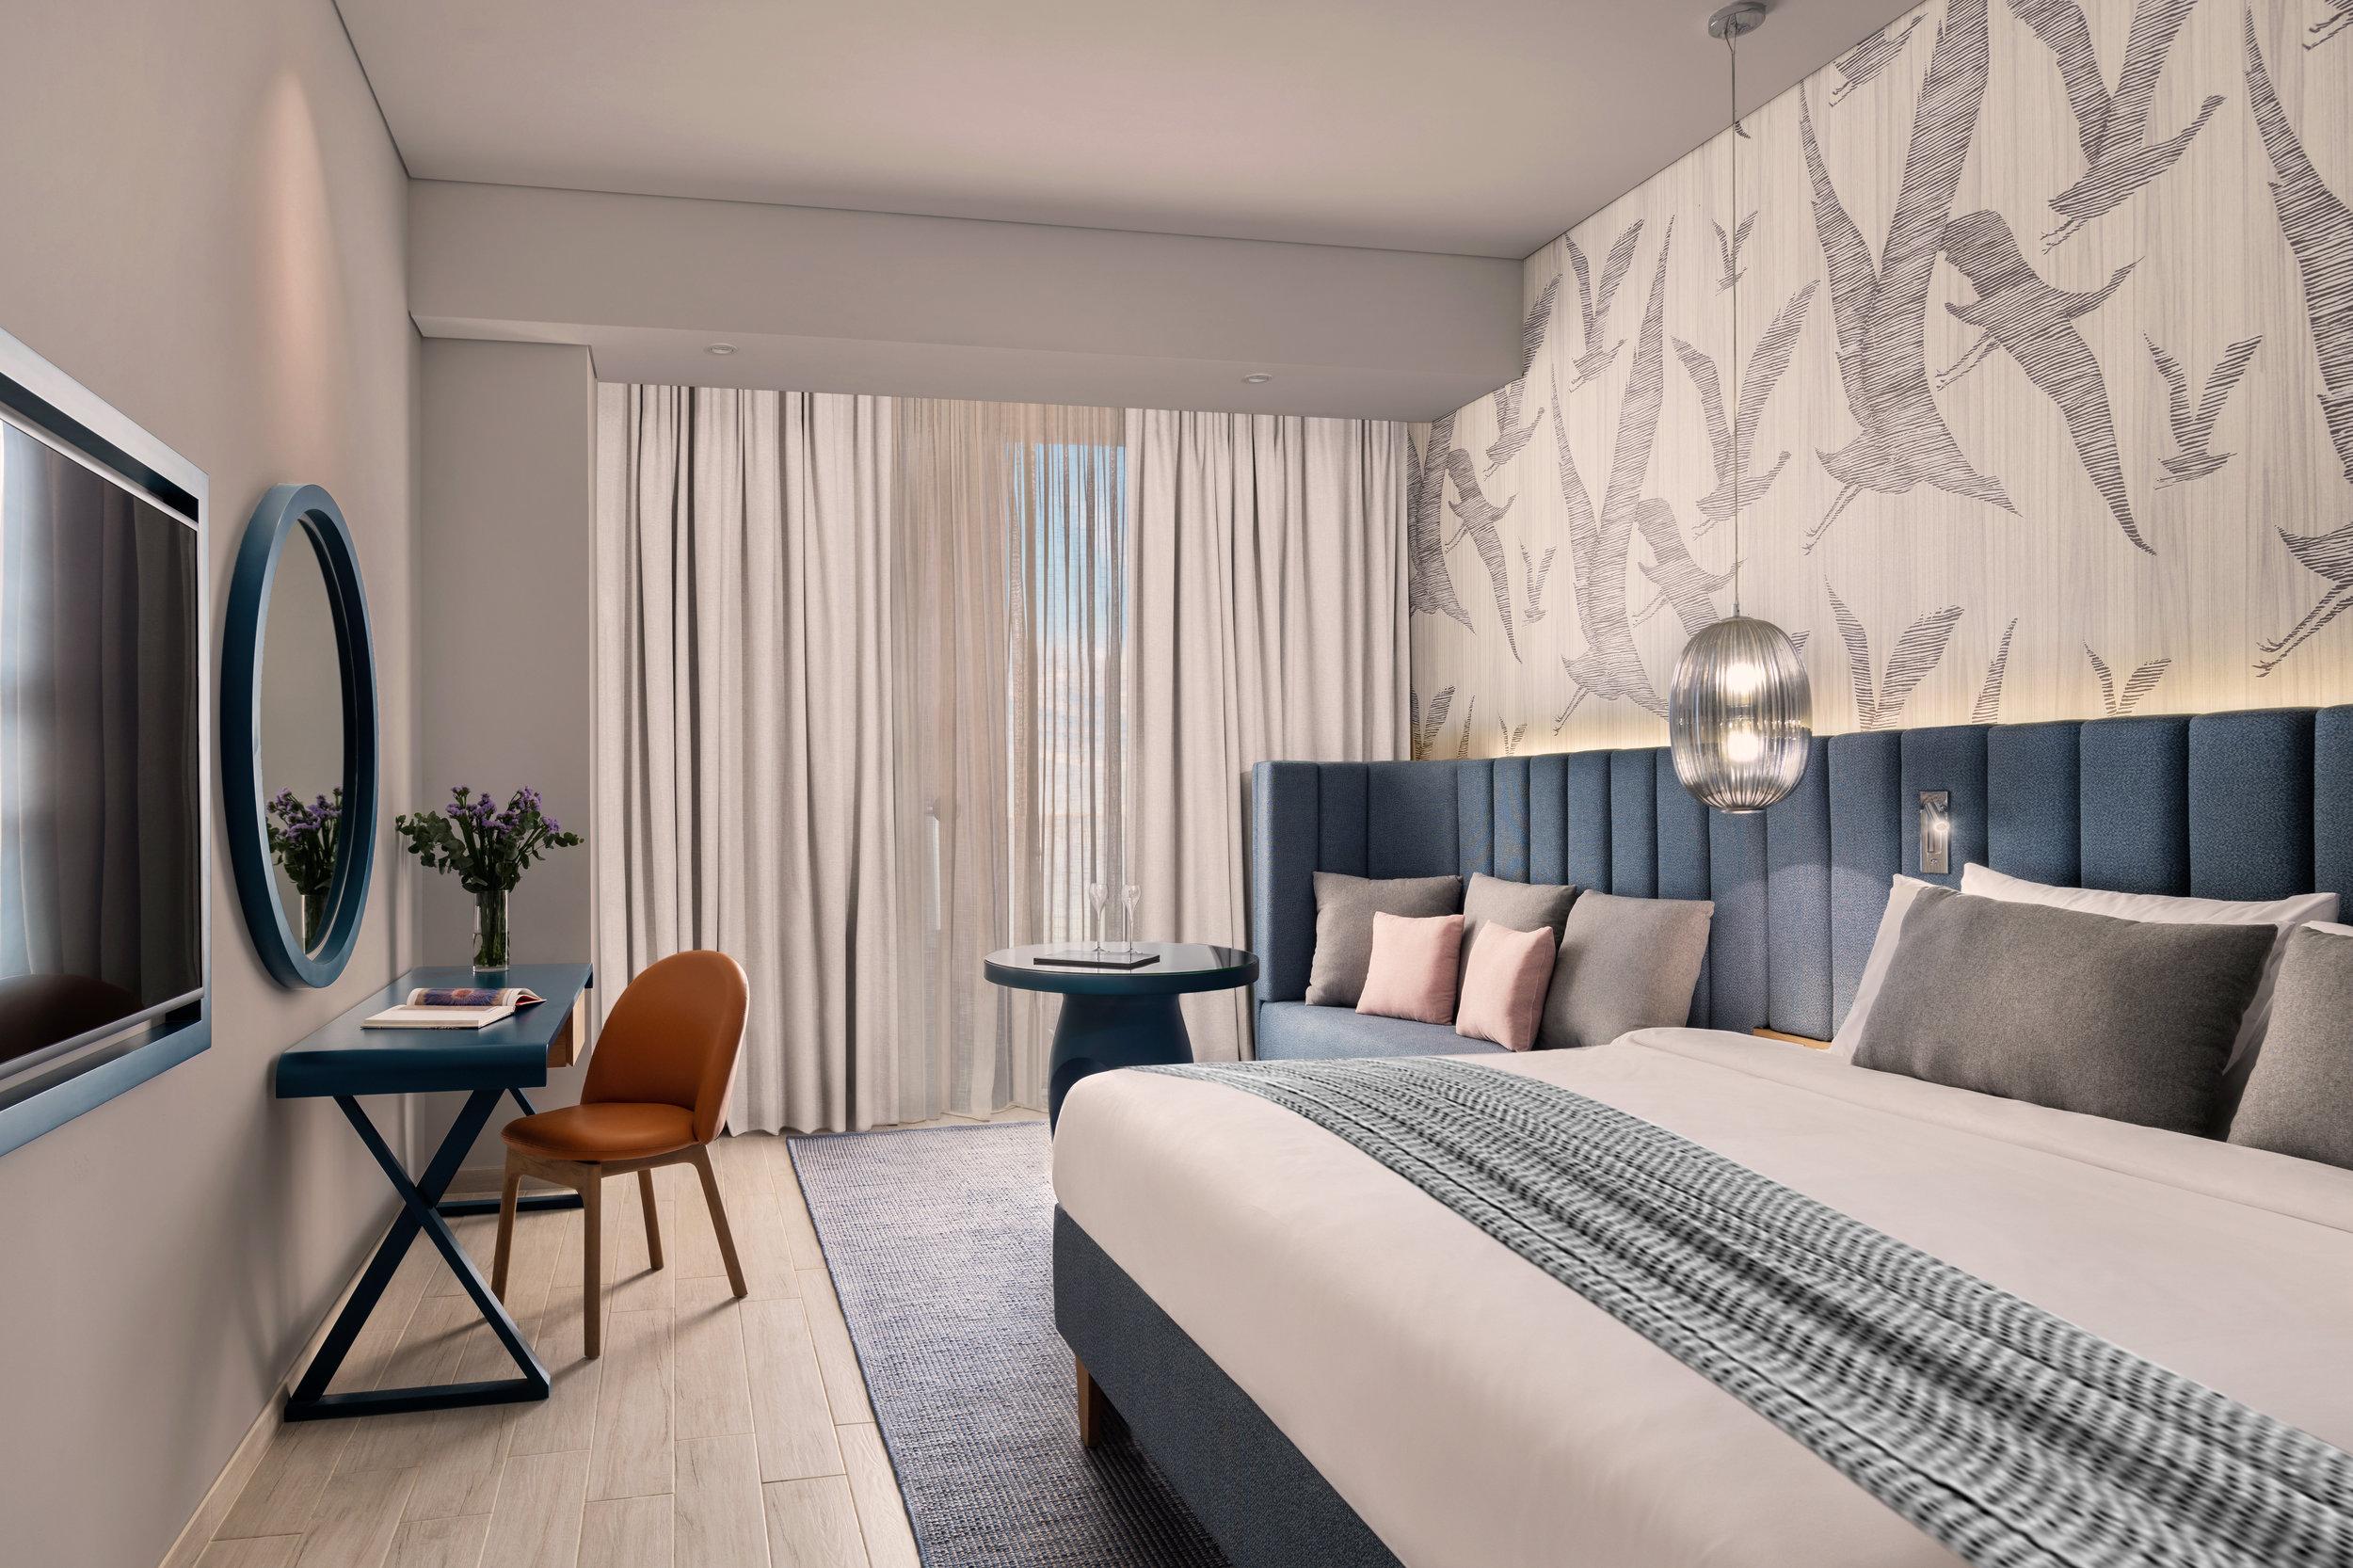 LFDS - Novotel Resort - Guestroom 2.jpg